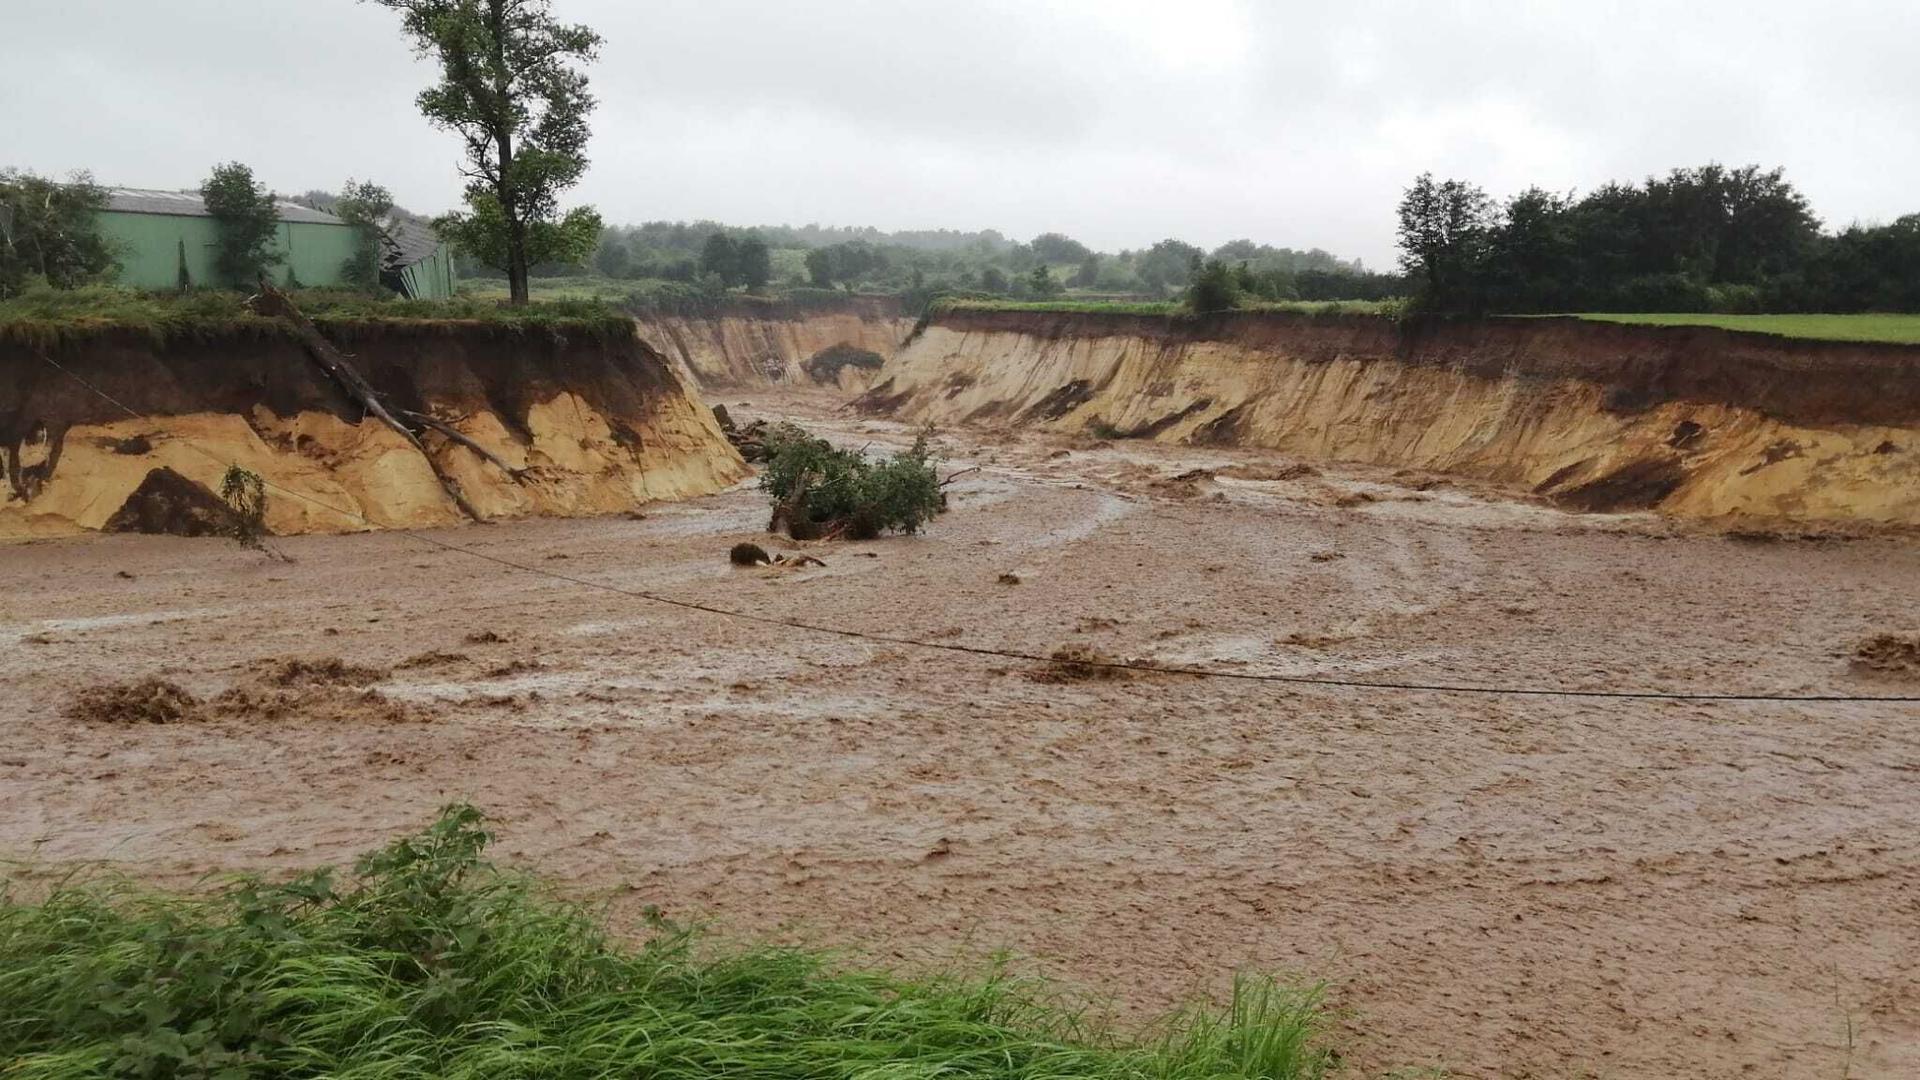 Der vor einigen Jahren wegen des Tagebaus umgelegte Fluss Inde hat sich nach schweren Regenfällen ein neues Bett gegraben und strömt unkontrolliert in den Braunkohle-Tagebau Inden. )